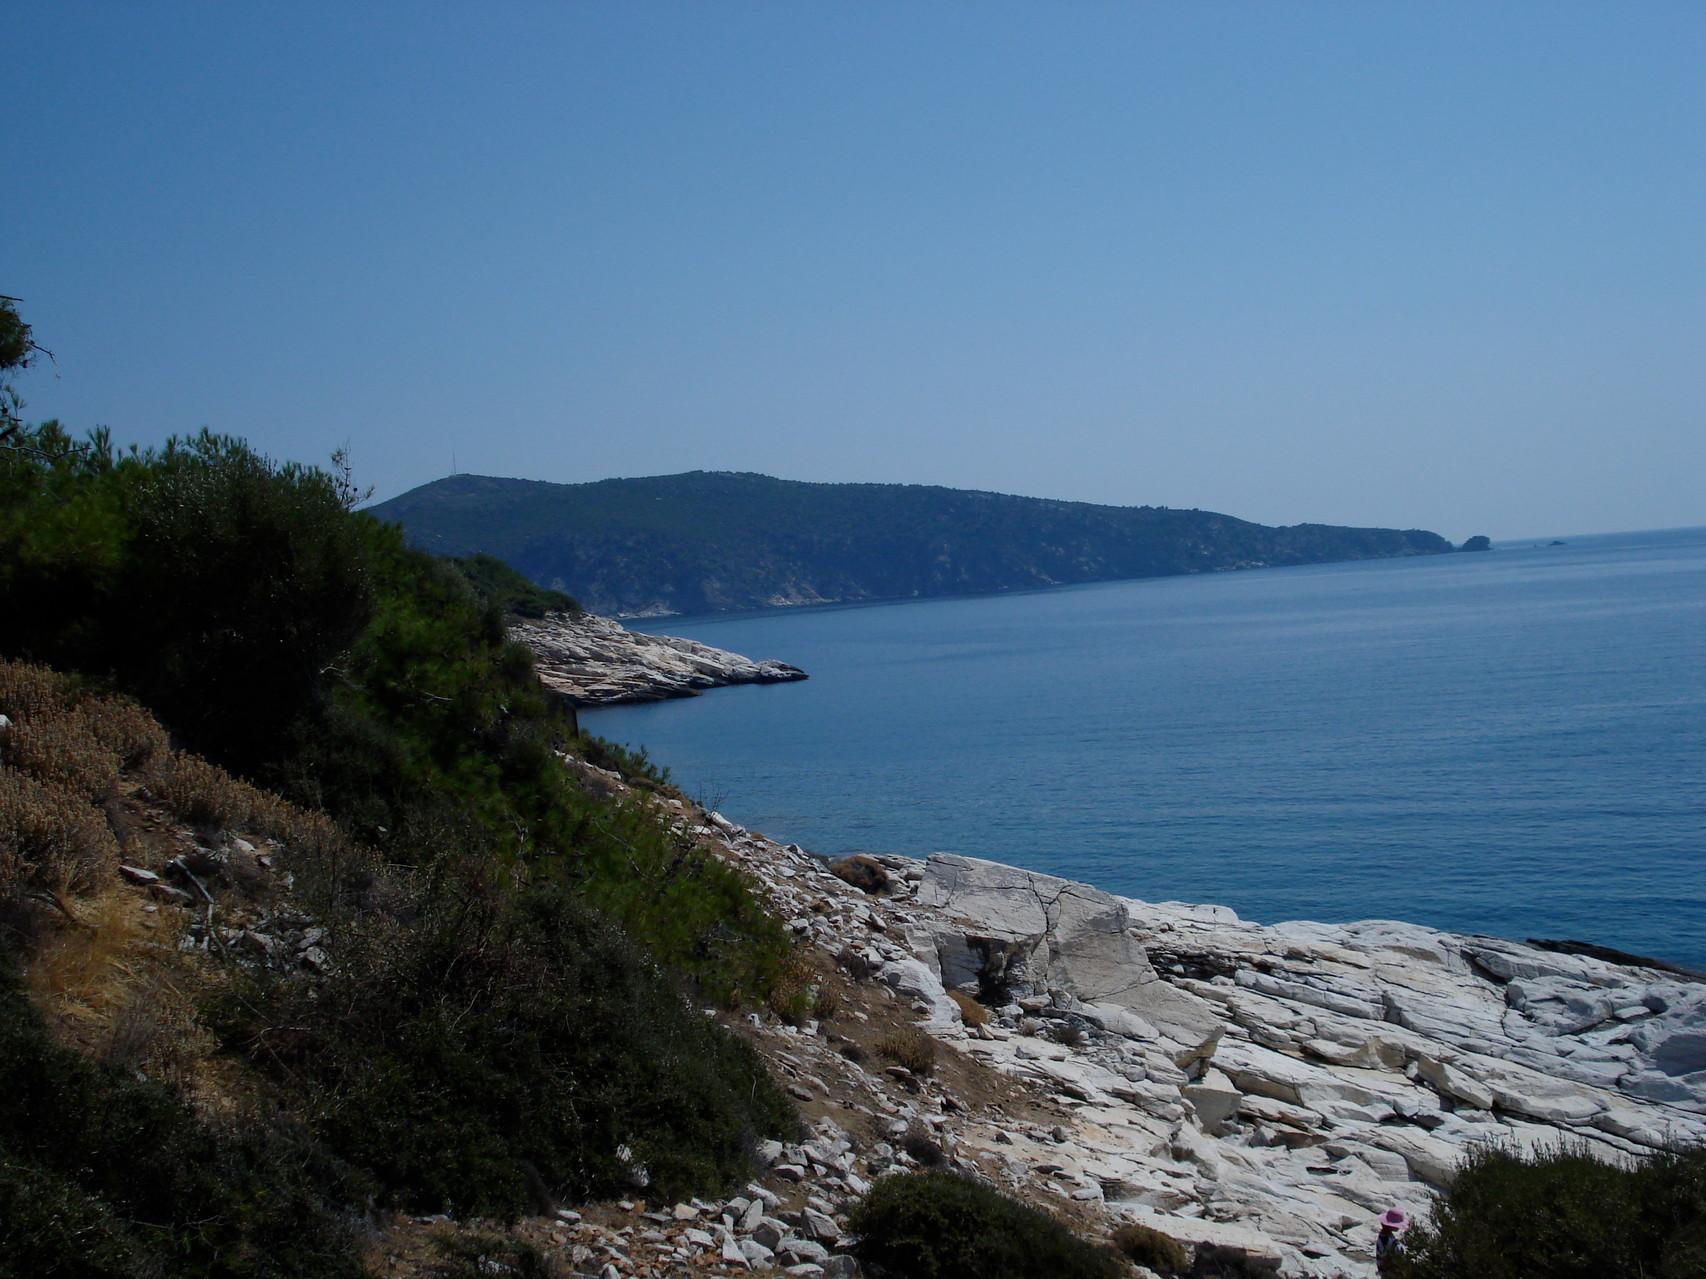 Vue côtière avec marbre